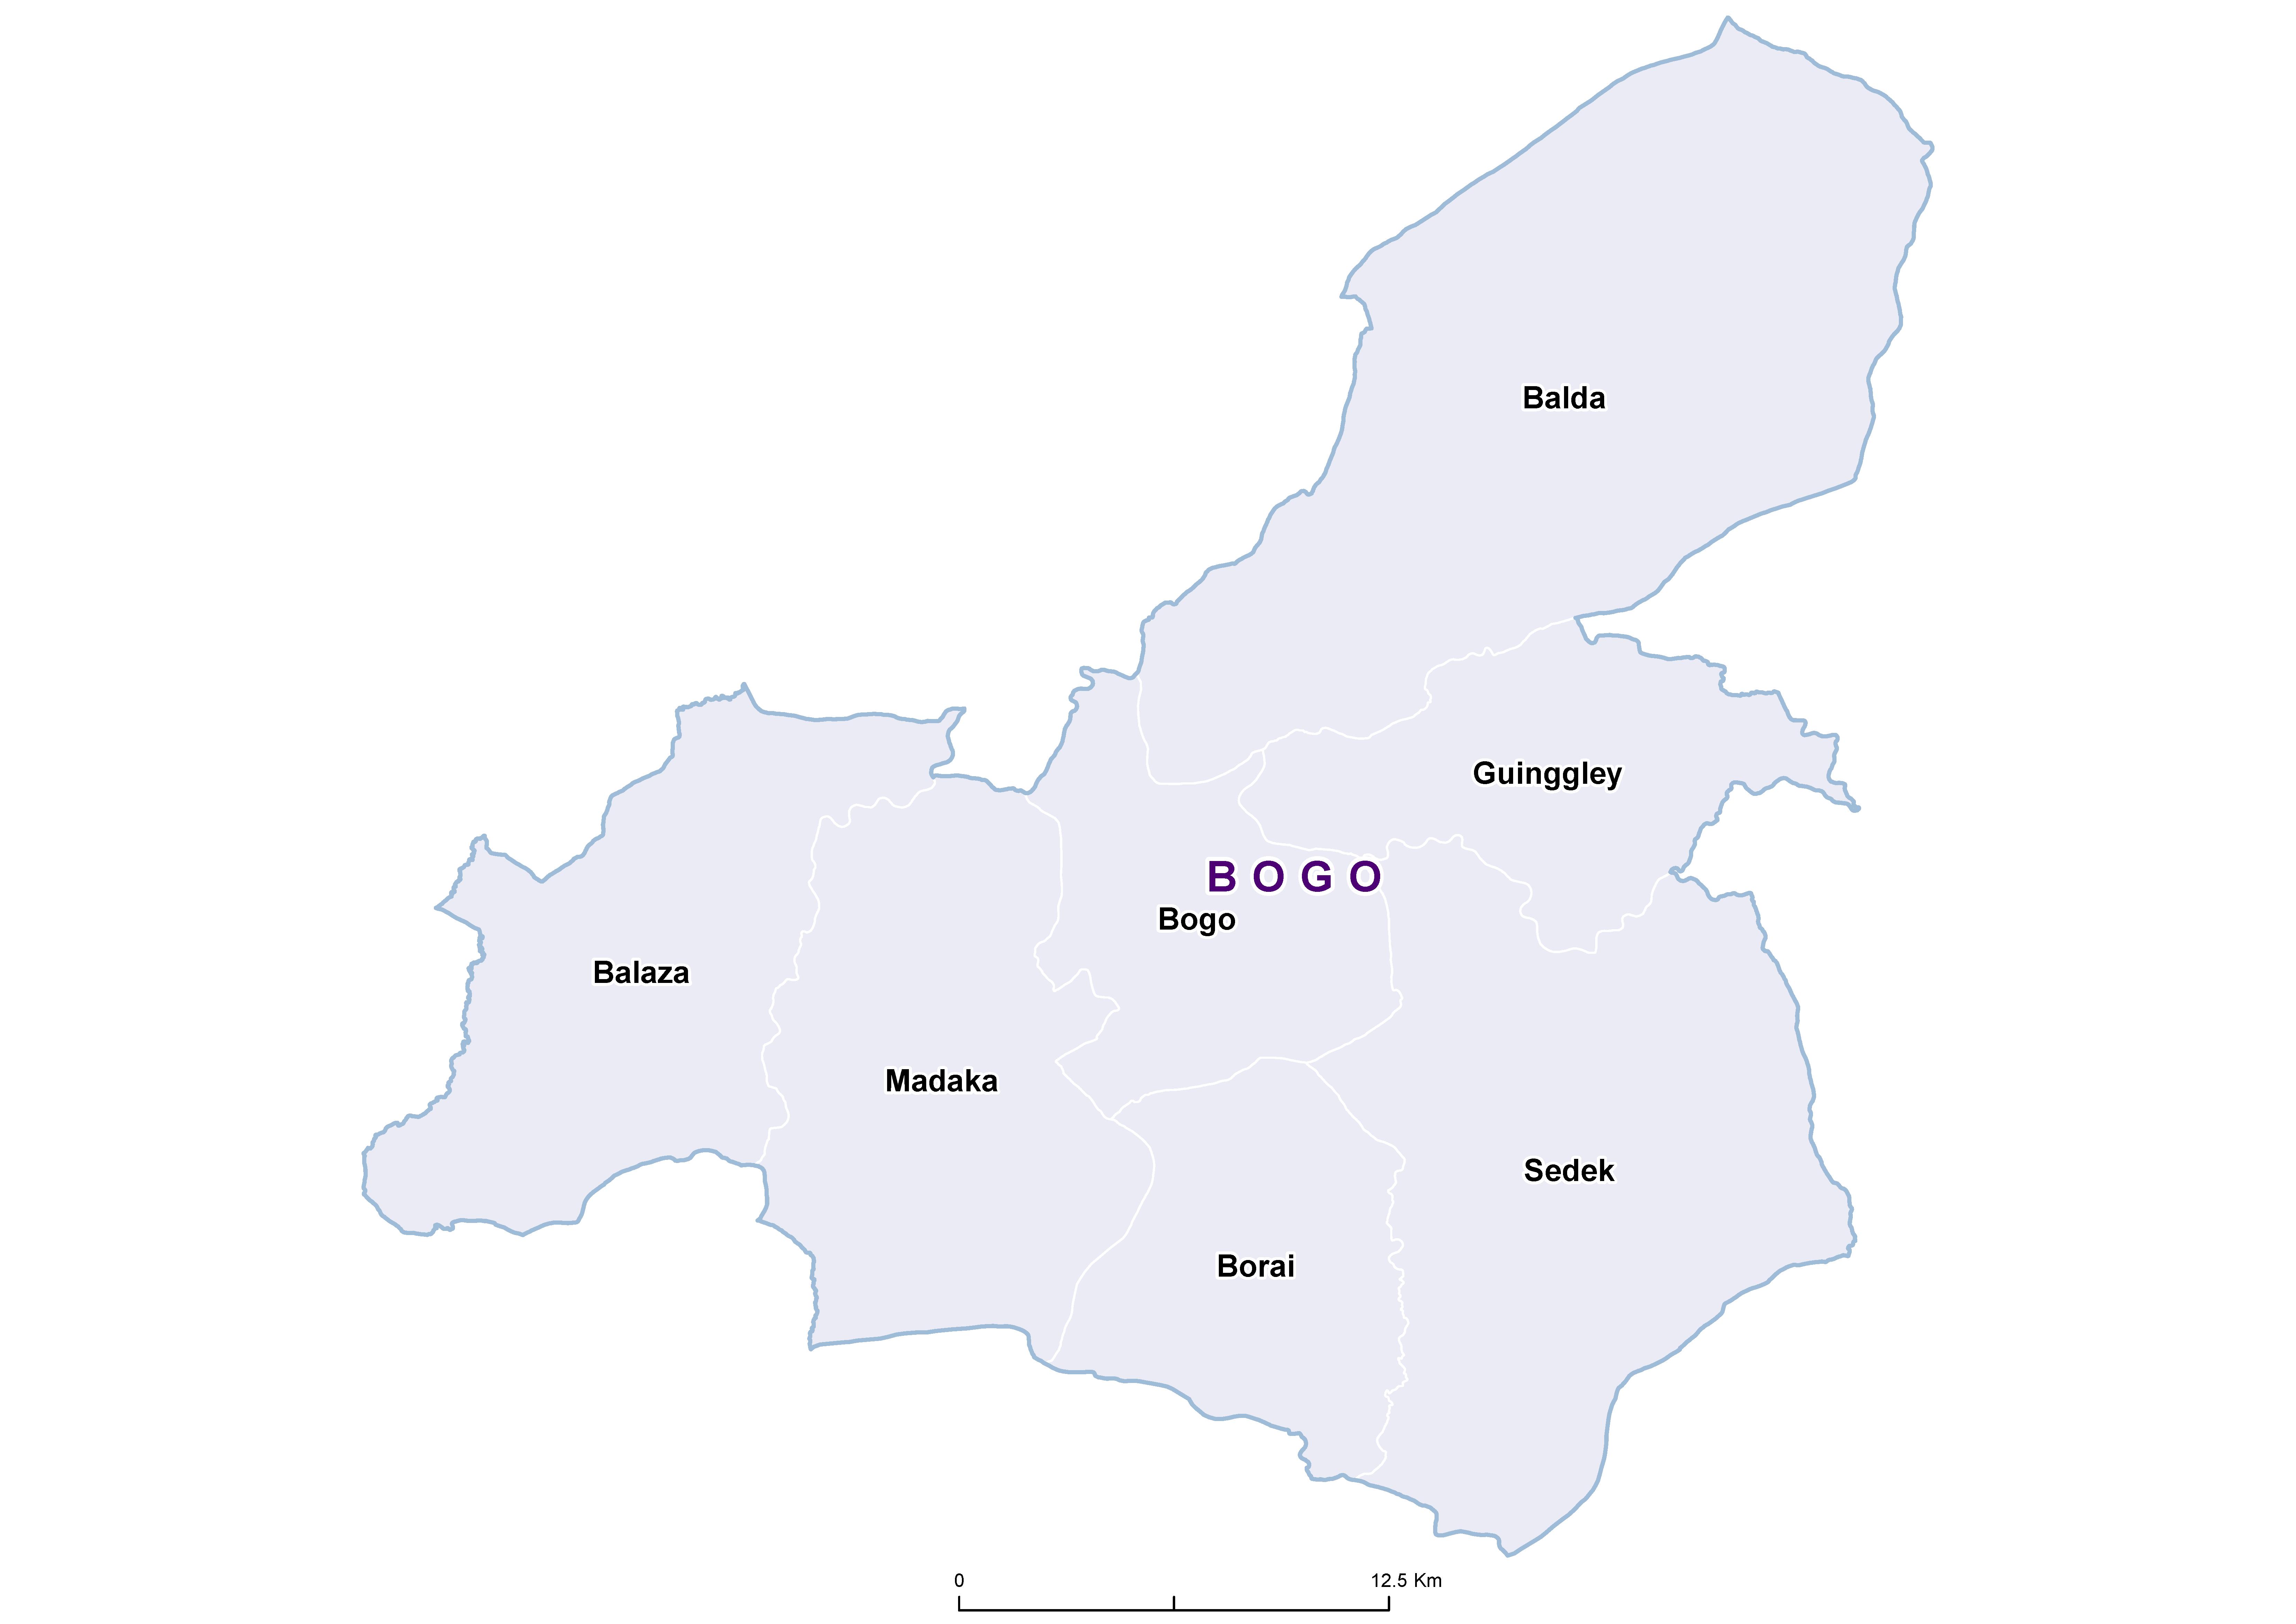 Bogo SCH 20180001